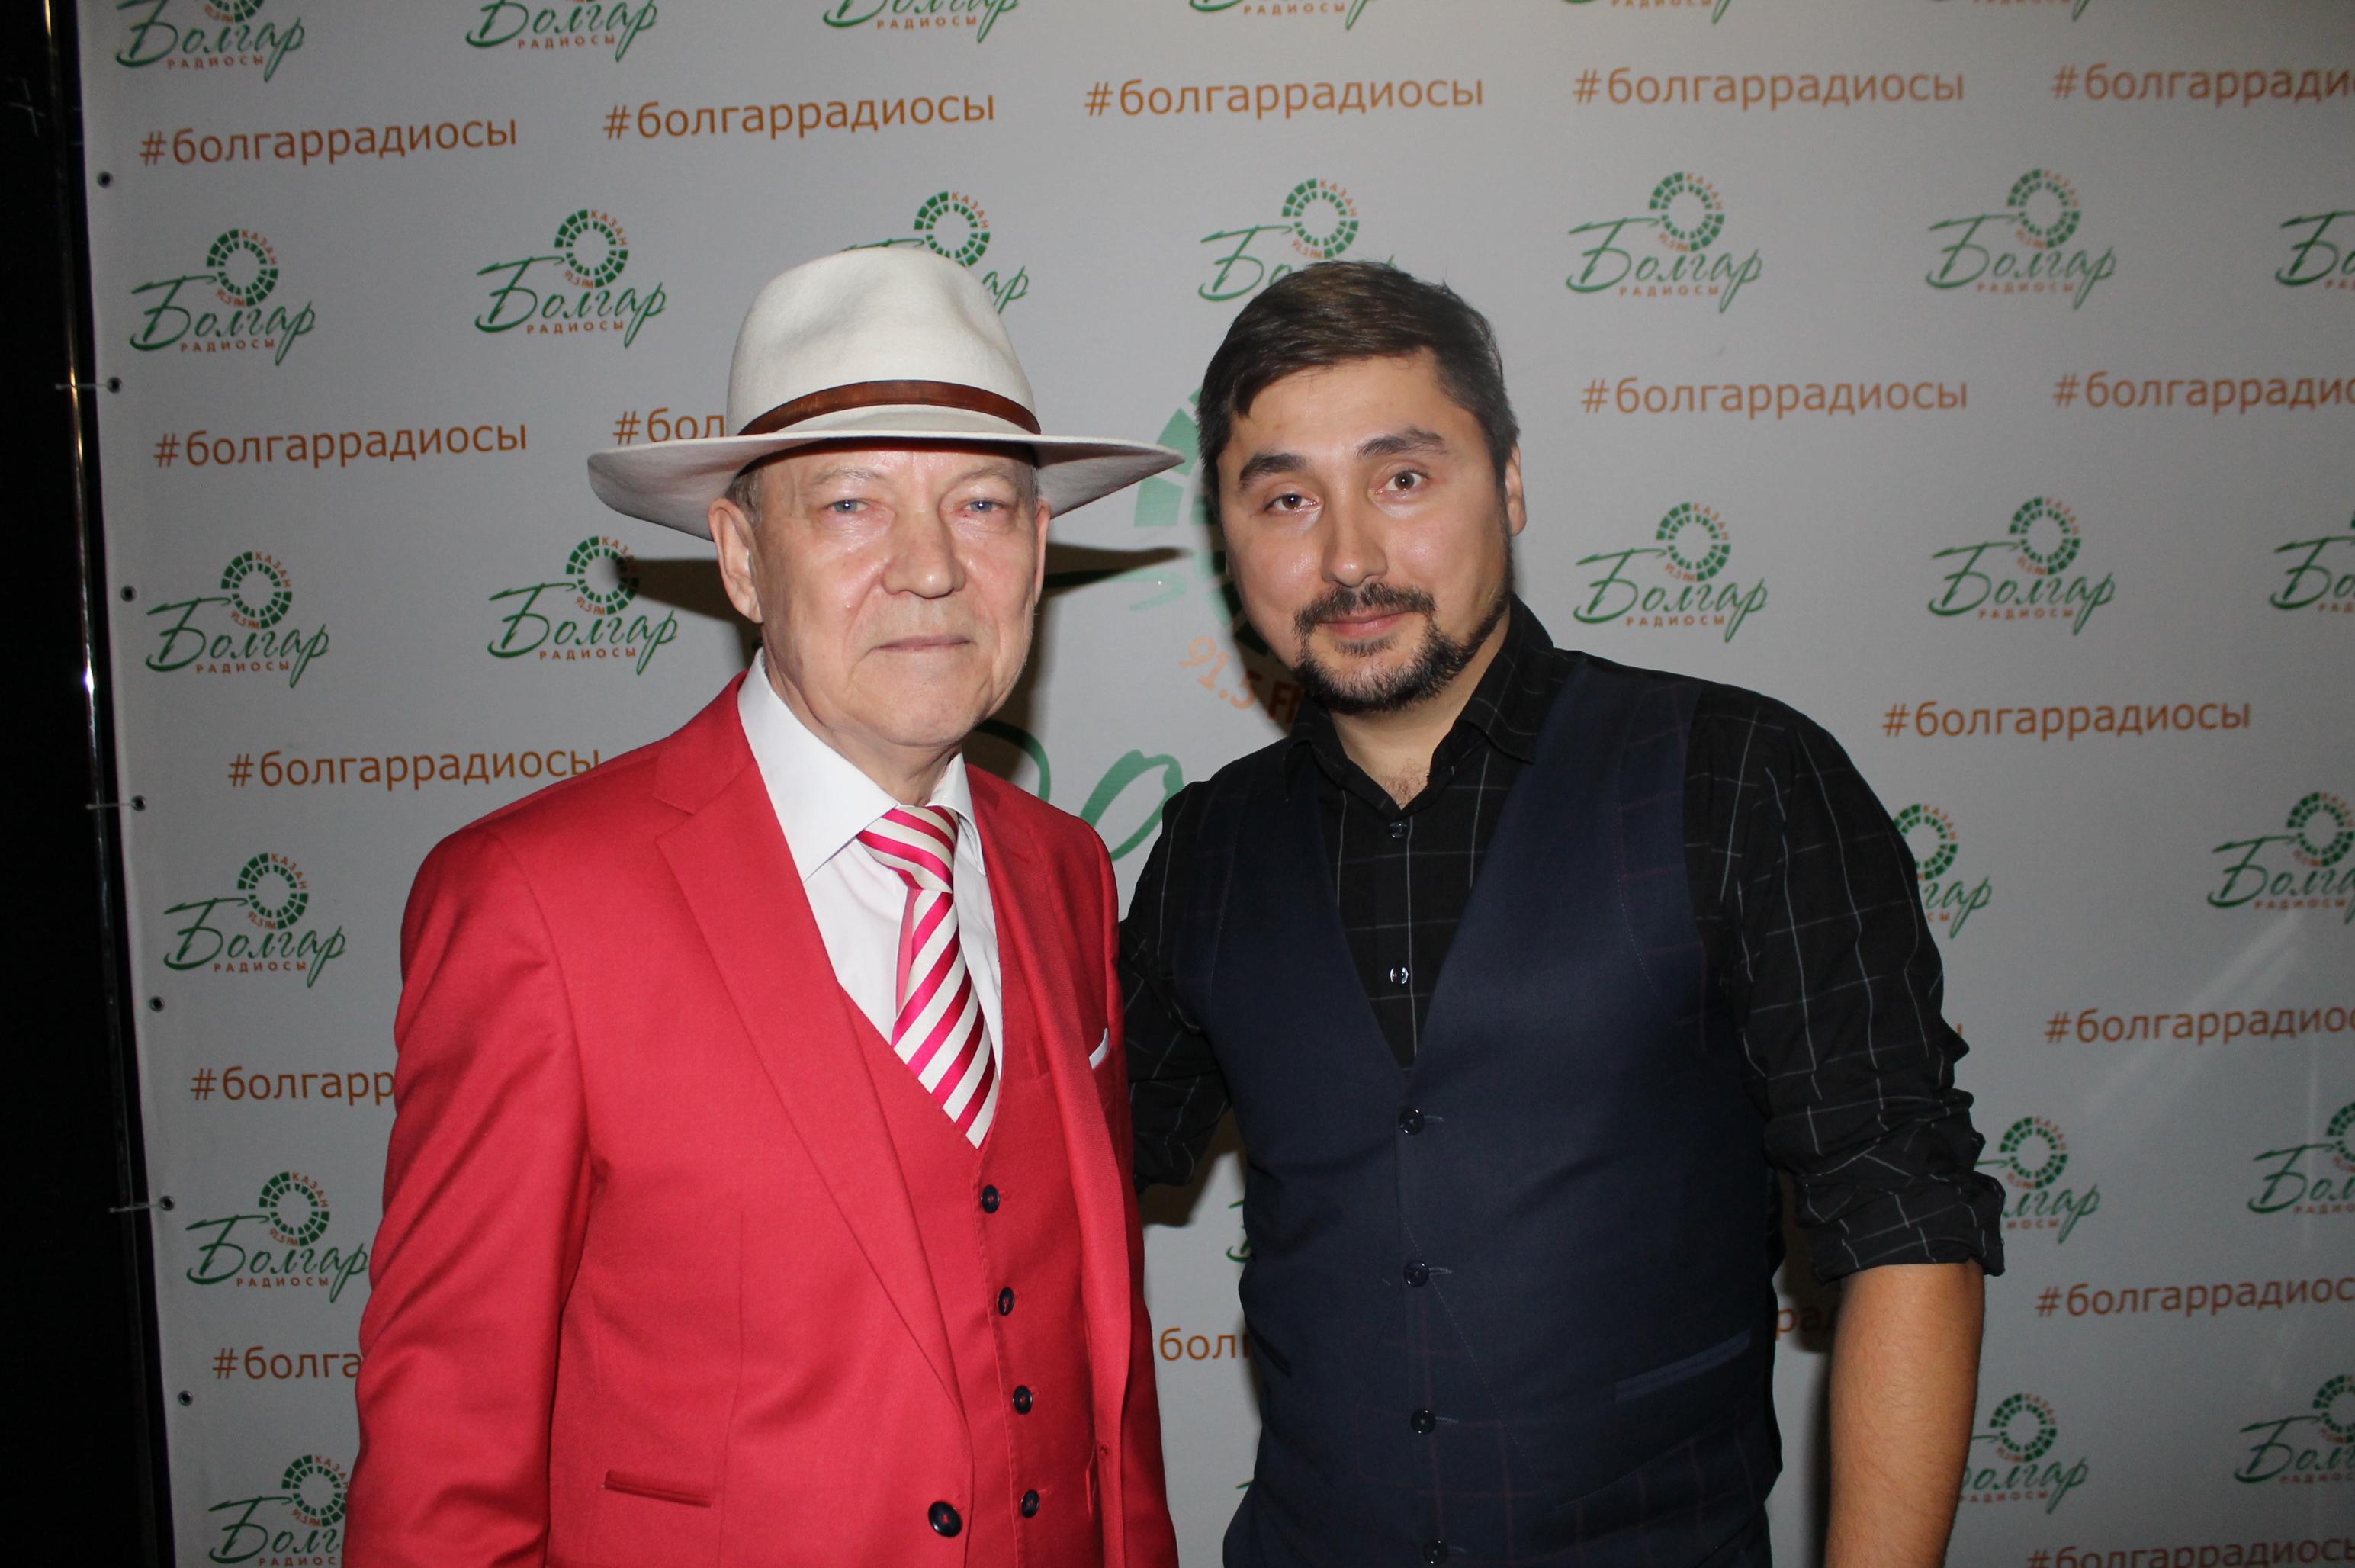 """""""Болгар радиосы"""" VII Милли музыкаль премиясе - Асаф Вәлиев"""